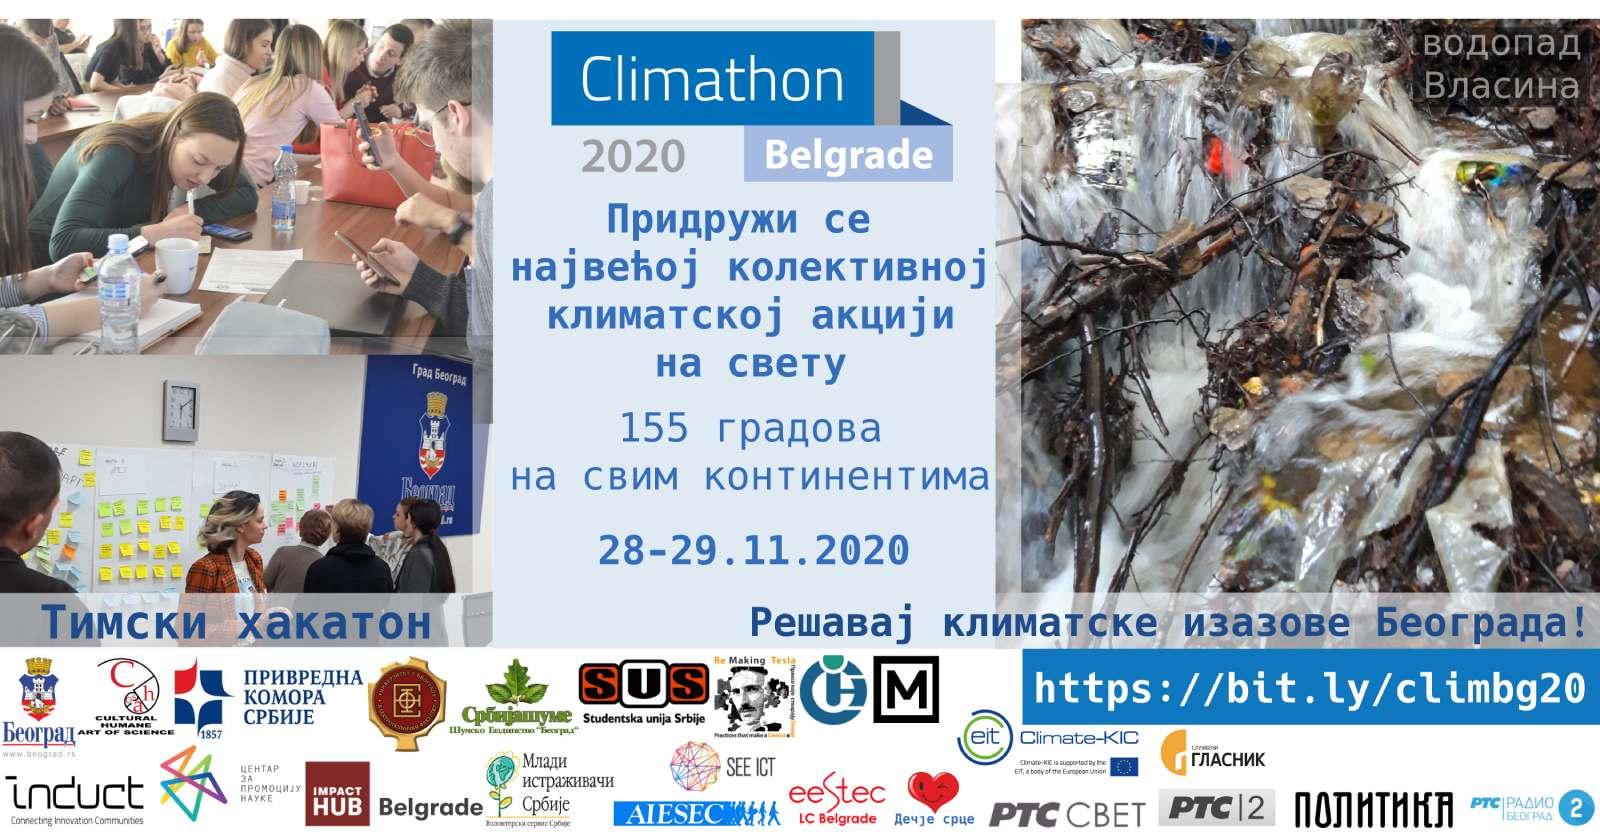 Climathon-Flyer-1